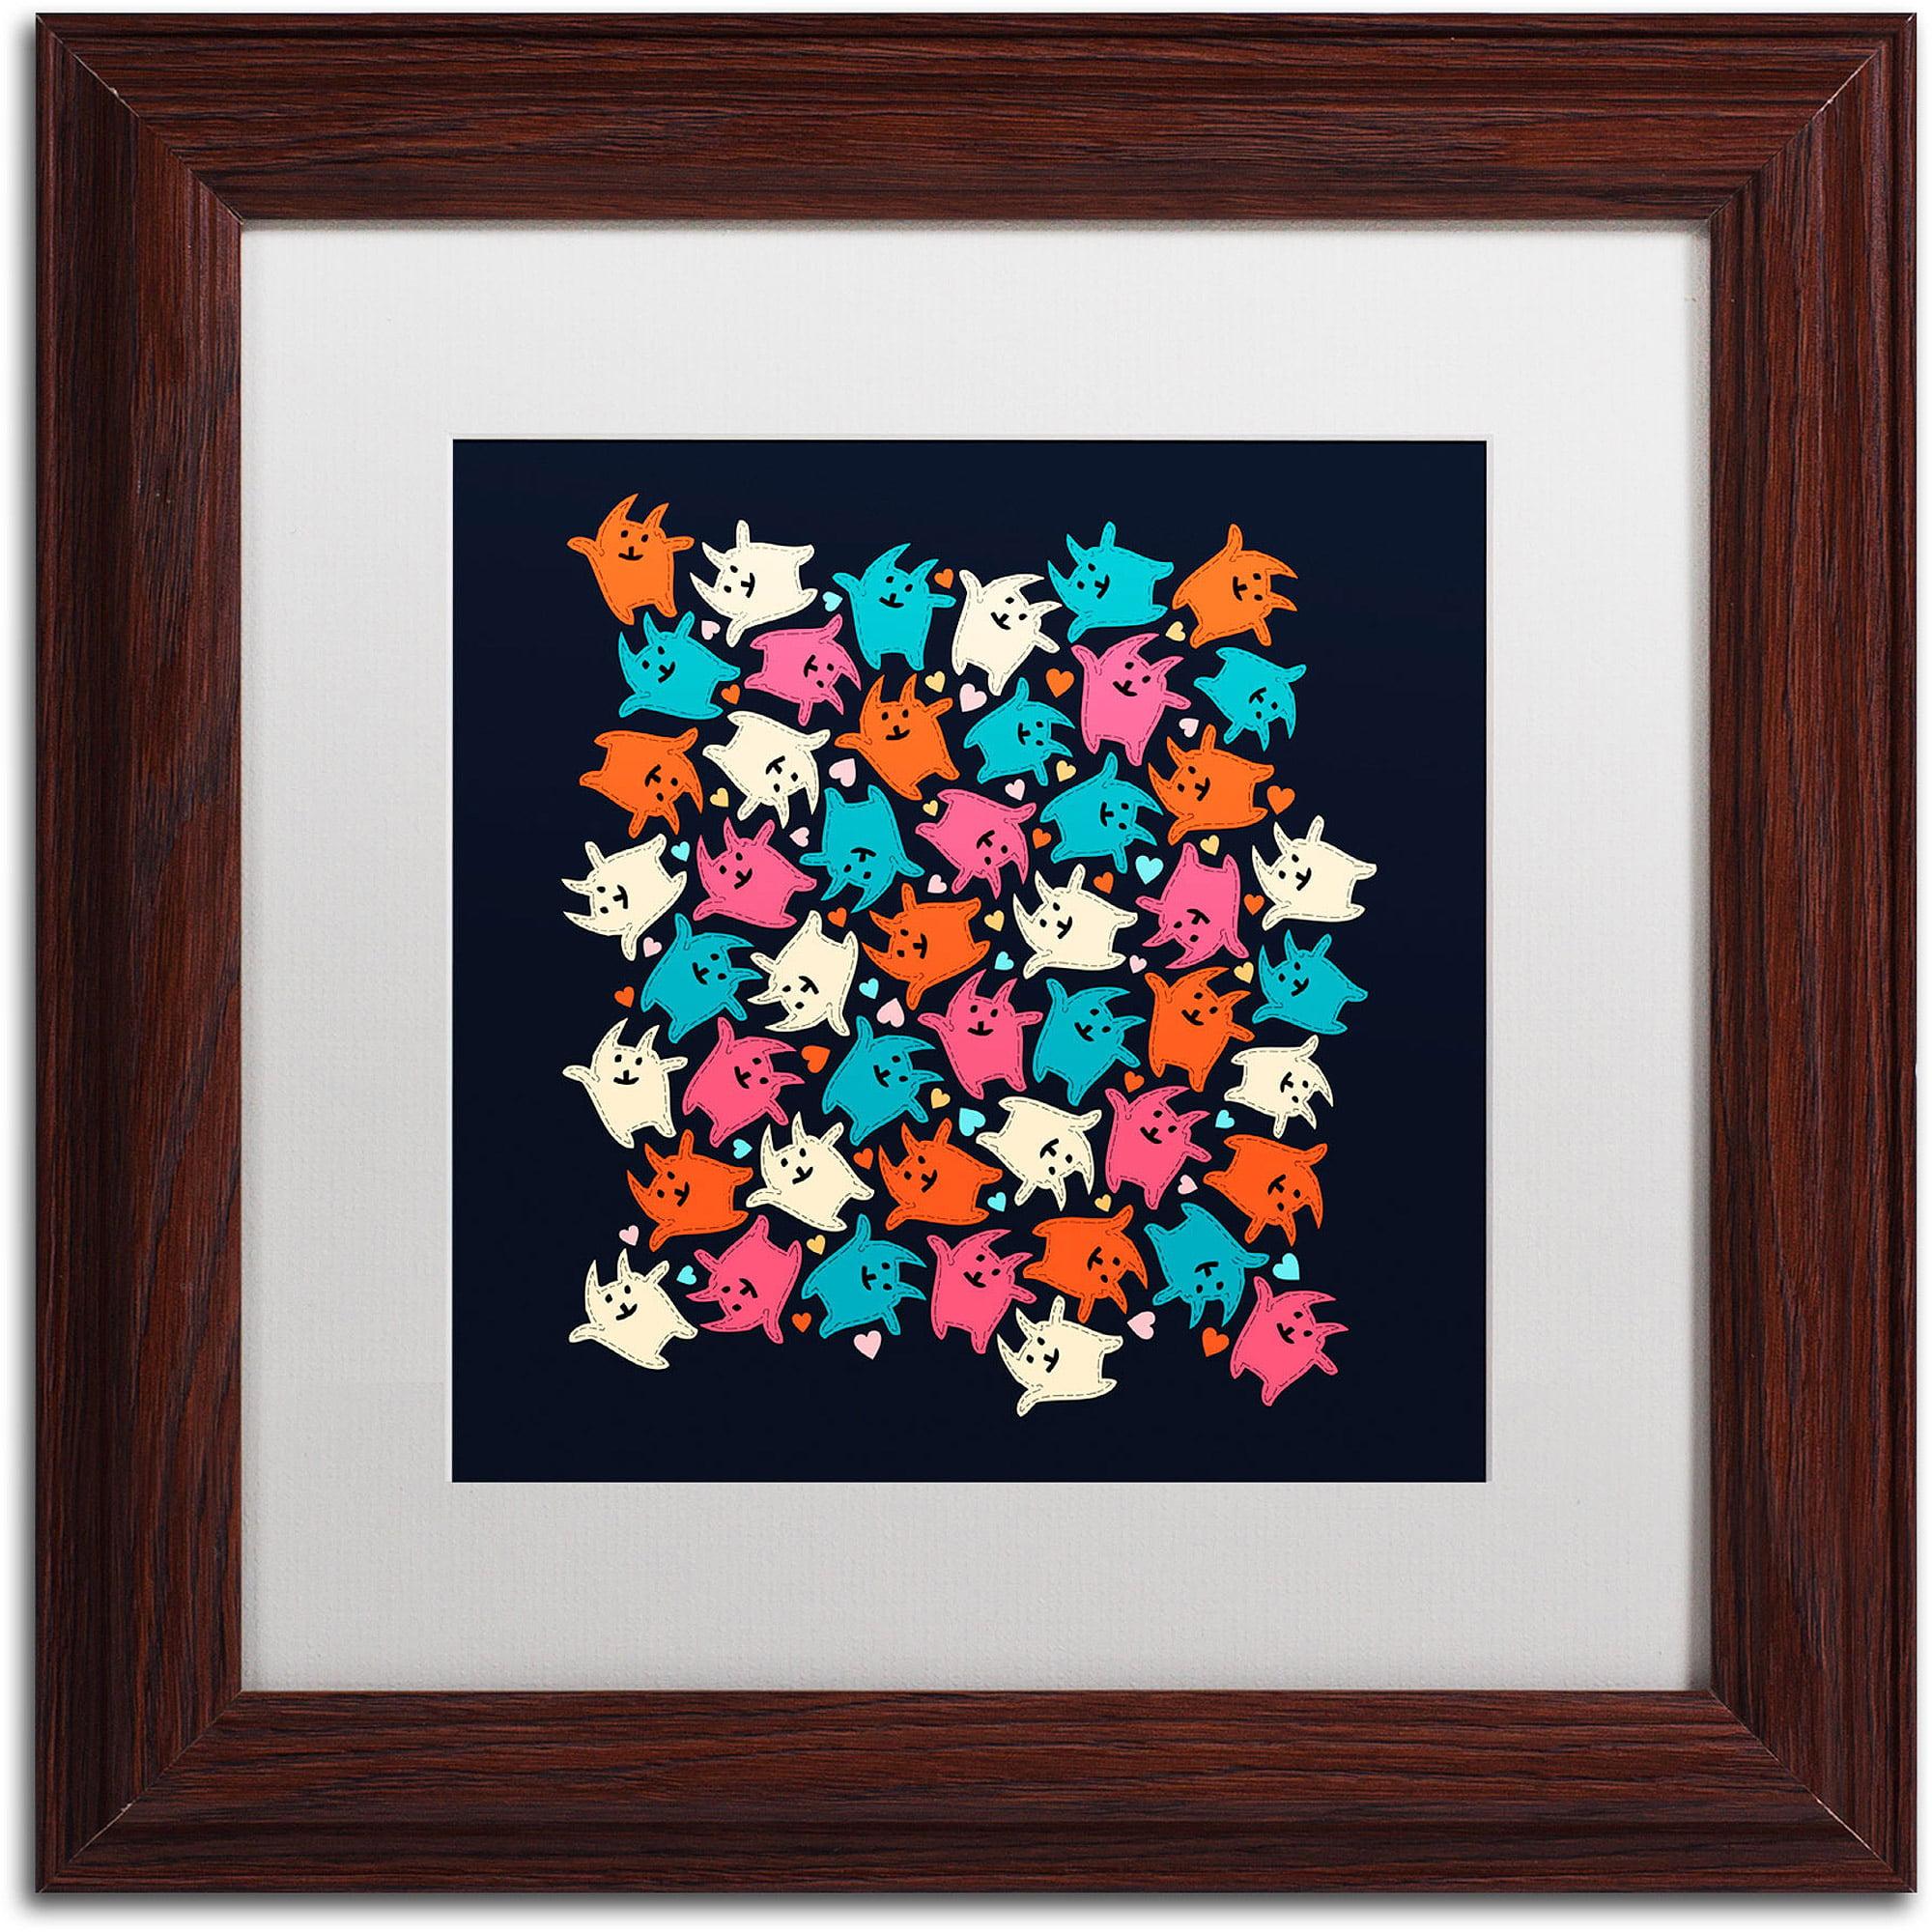 """Trademark Fine Art """"Tiny Tumbling Kittens"""" Canvas Art by Carla Martell, White Matte, Wood Frame"""